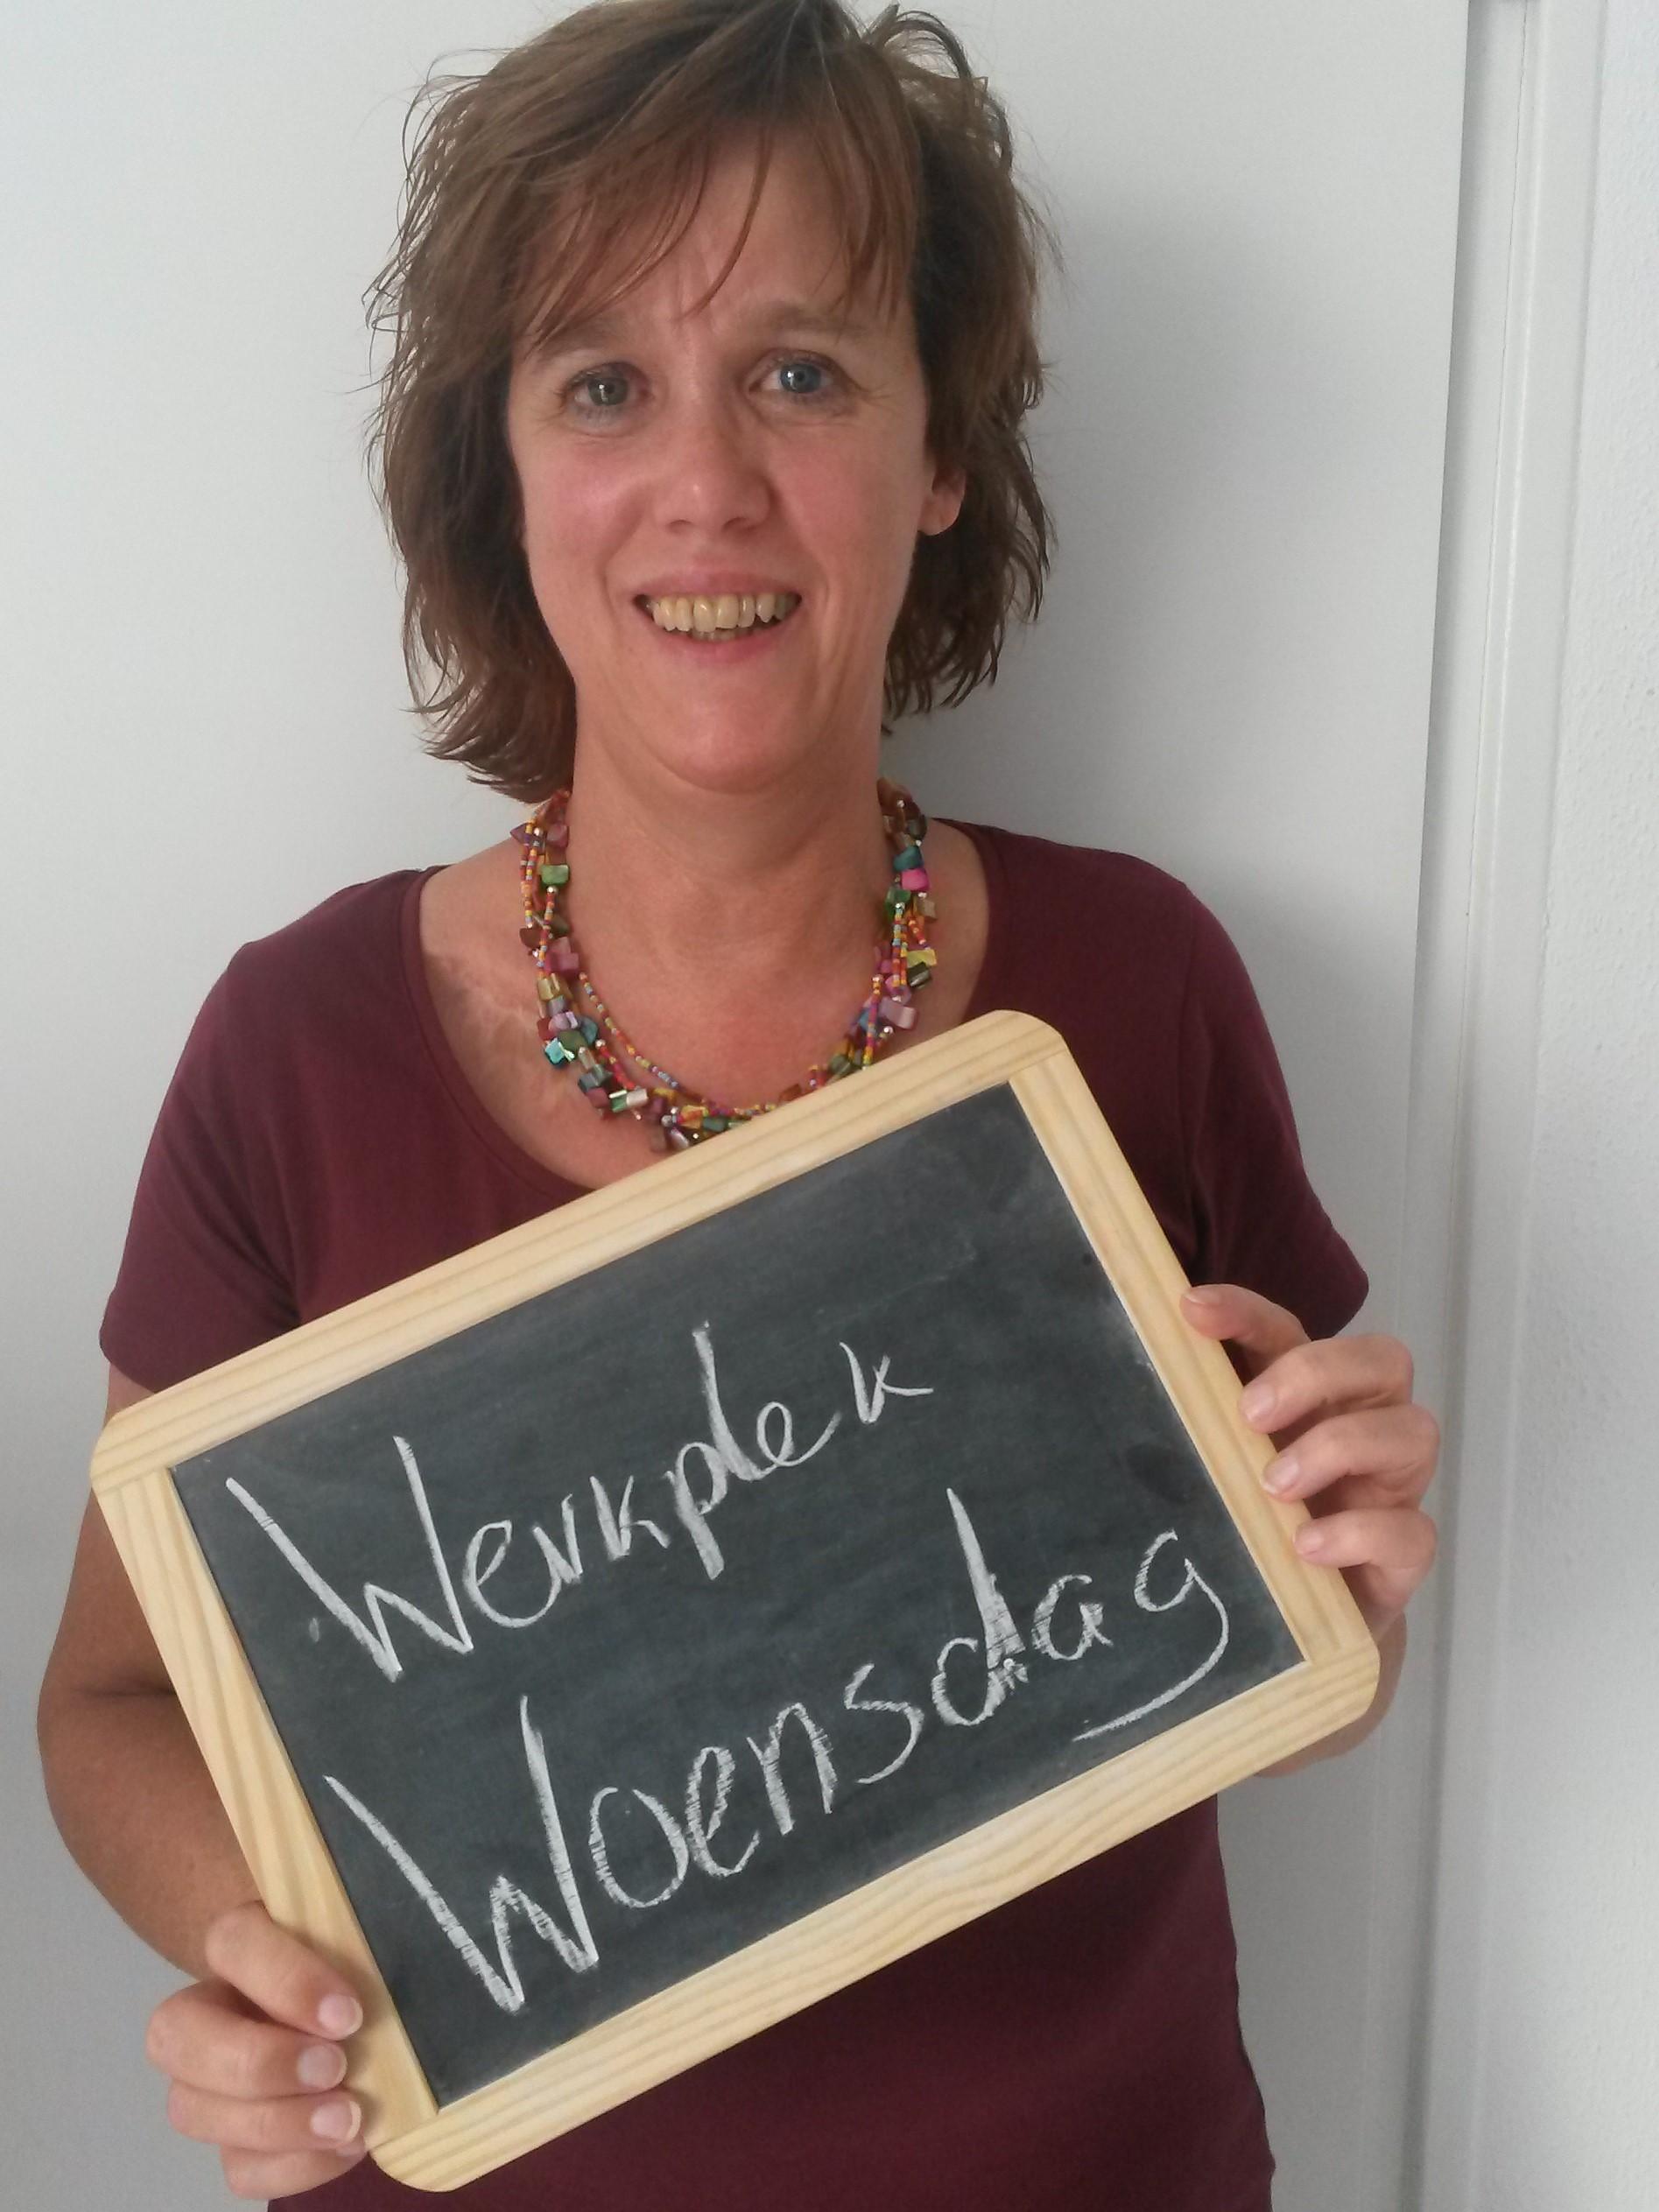 Dit is Lia van den Berg